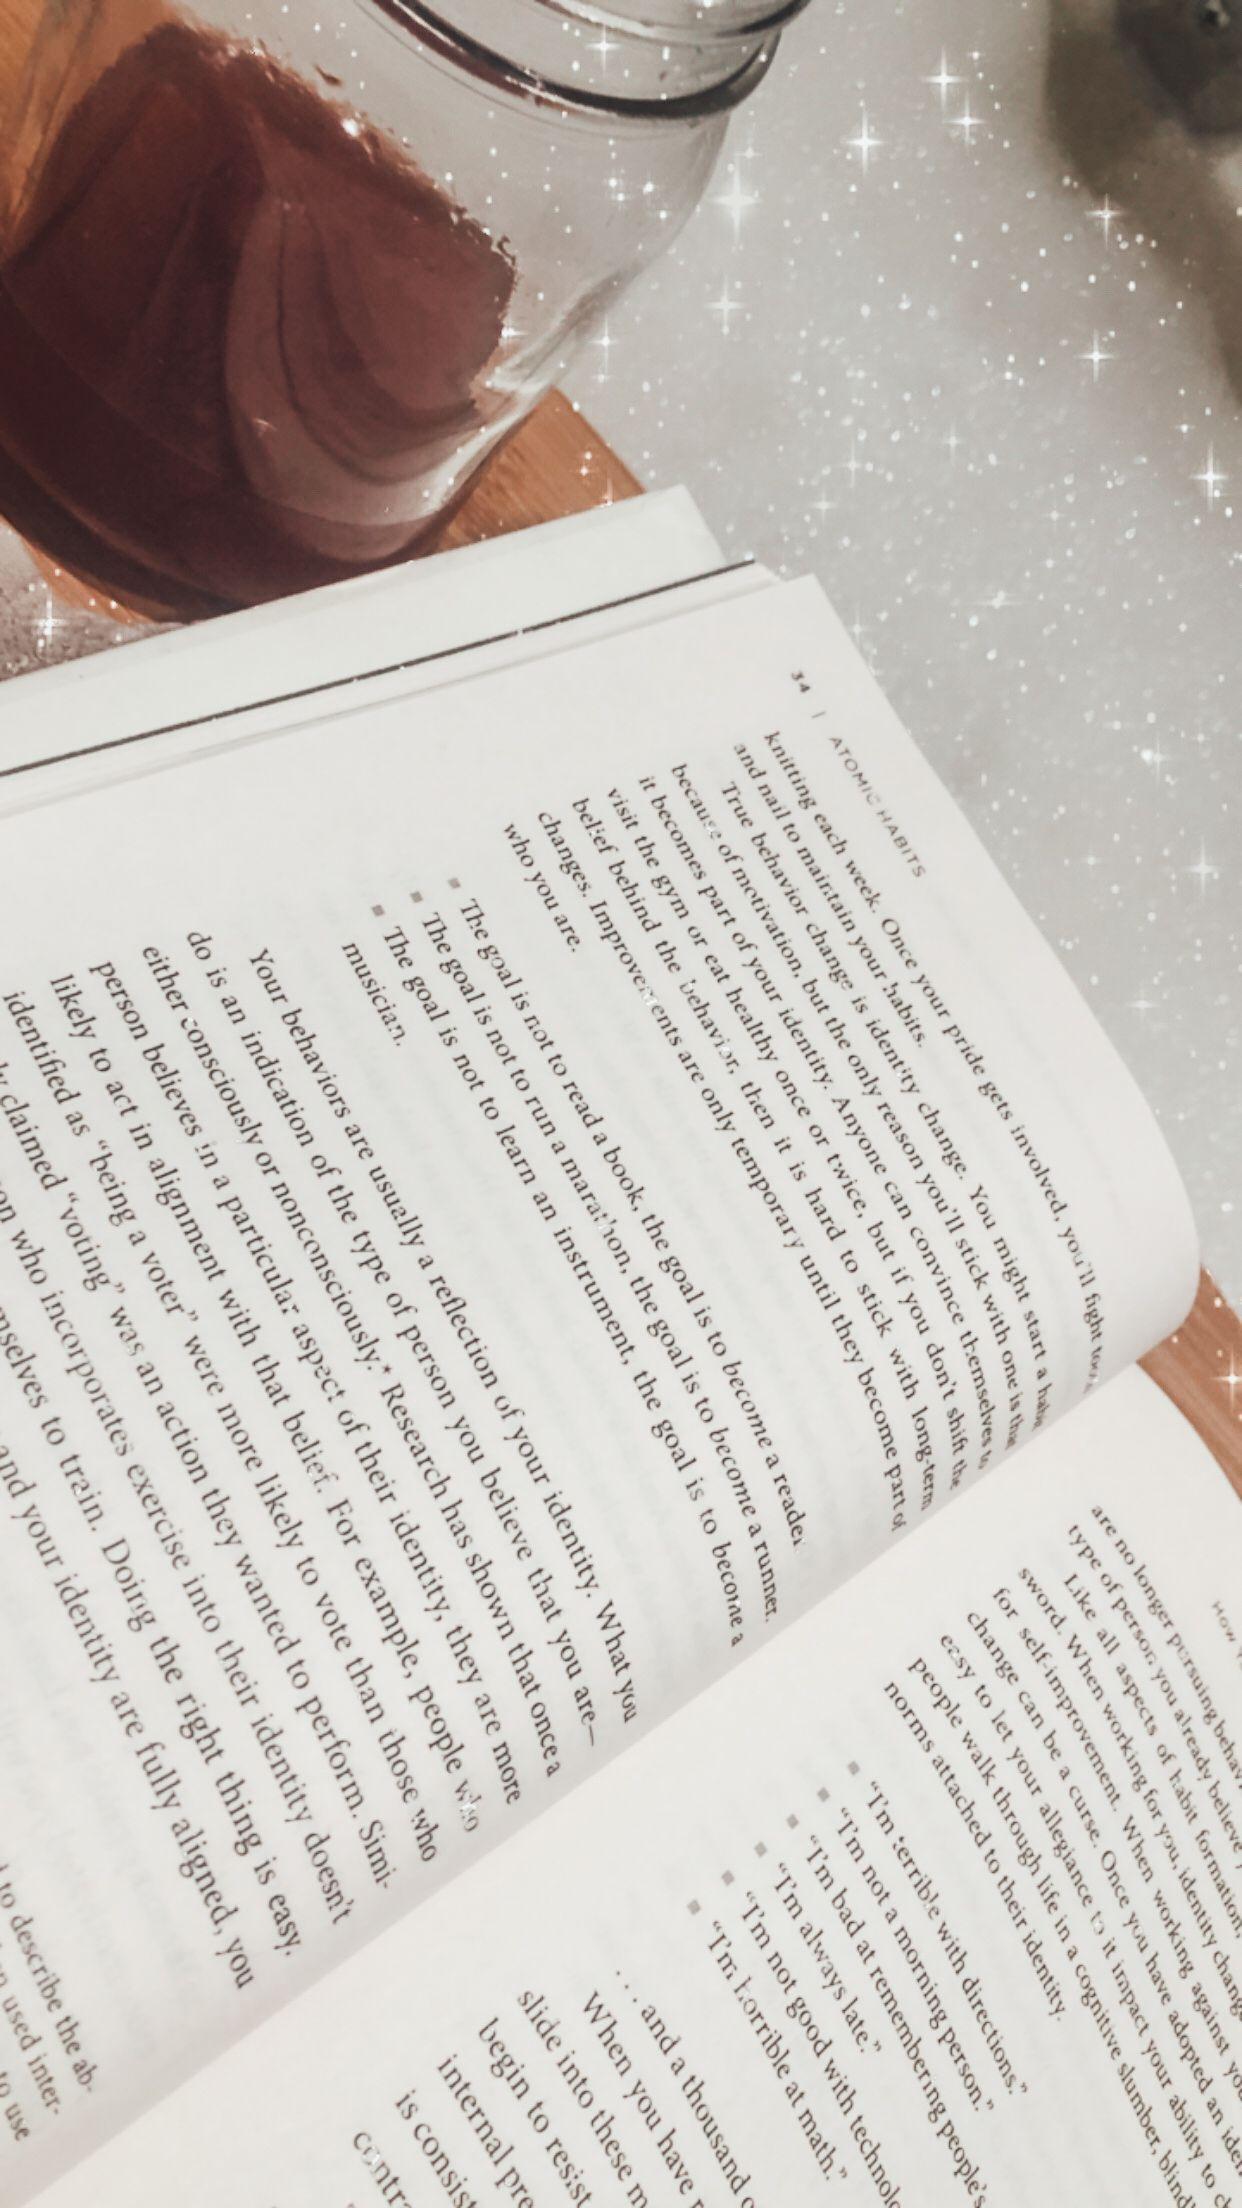 . . . . . #habitjournal #habittracker #dailyjournal #productivitybooks #productivebooks #theonething #jamesclear #atomichabits #thecompoundeffect #compoundeffect #mindset #mindsetbooks #newyearsresolution #newyearnewme #newyearnewyou #newyearnewgoals #goalsetting #newhabits #successbooks #habitbooks #selfimprovementbooks #selfdevelopmentbooks